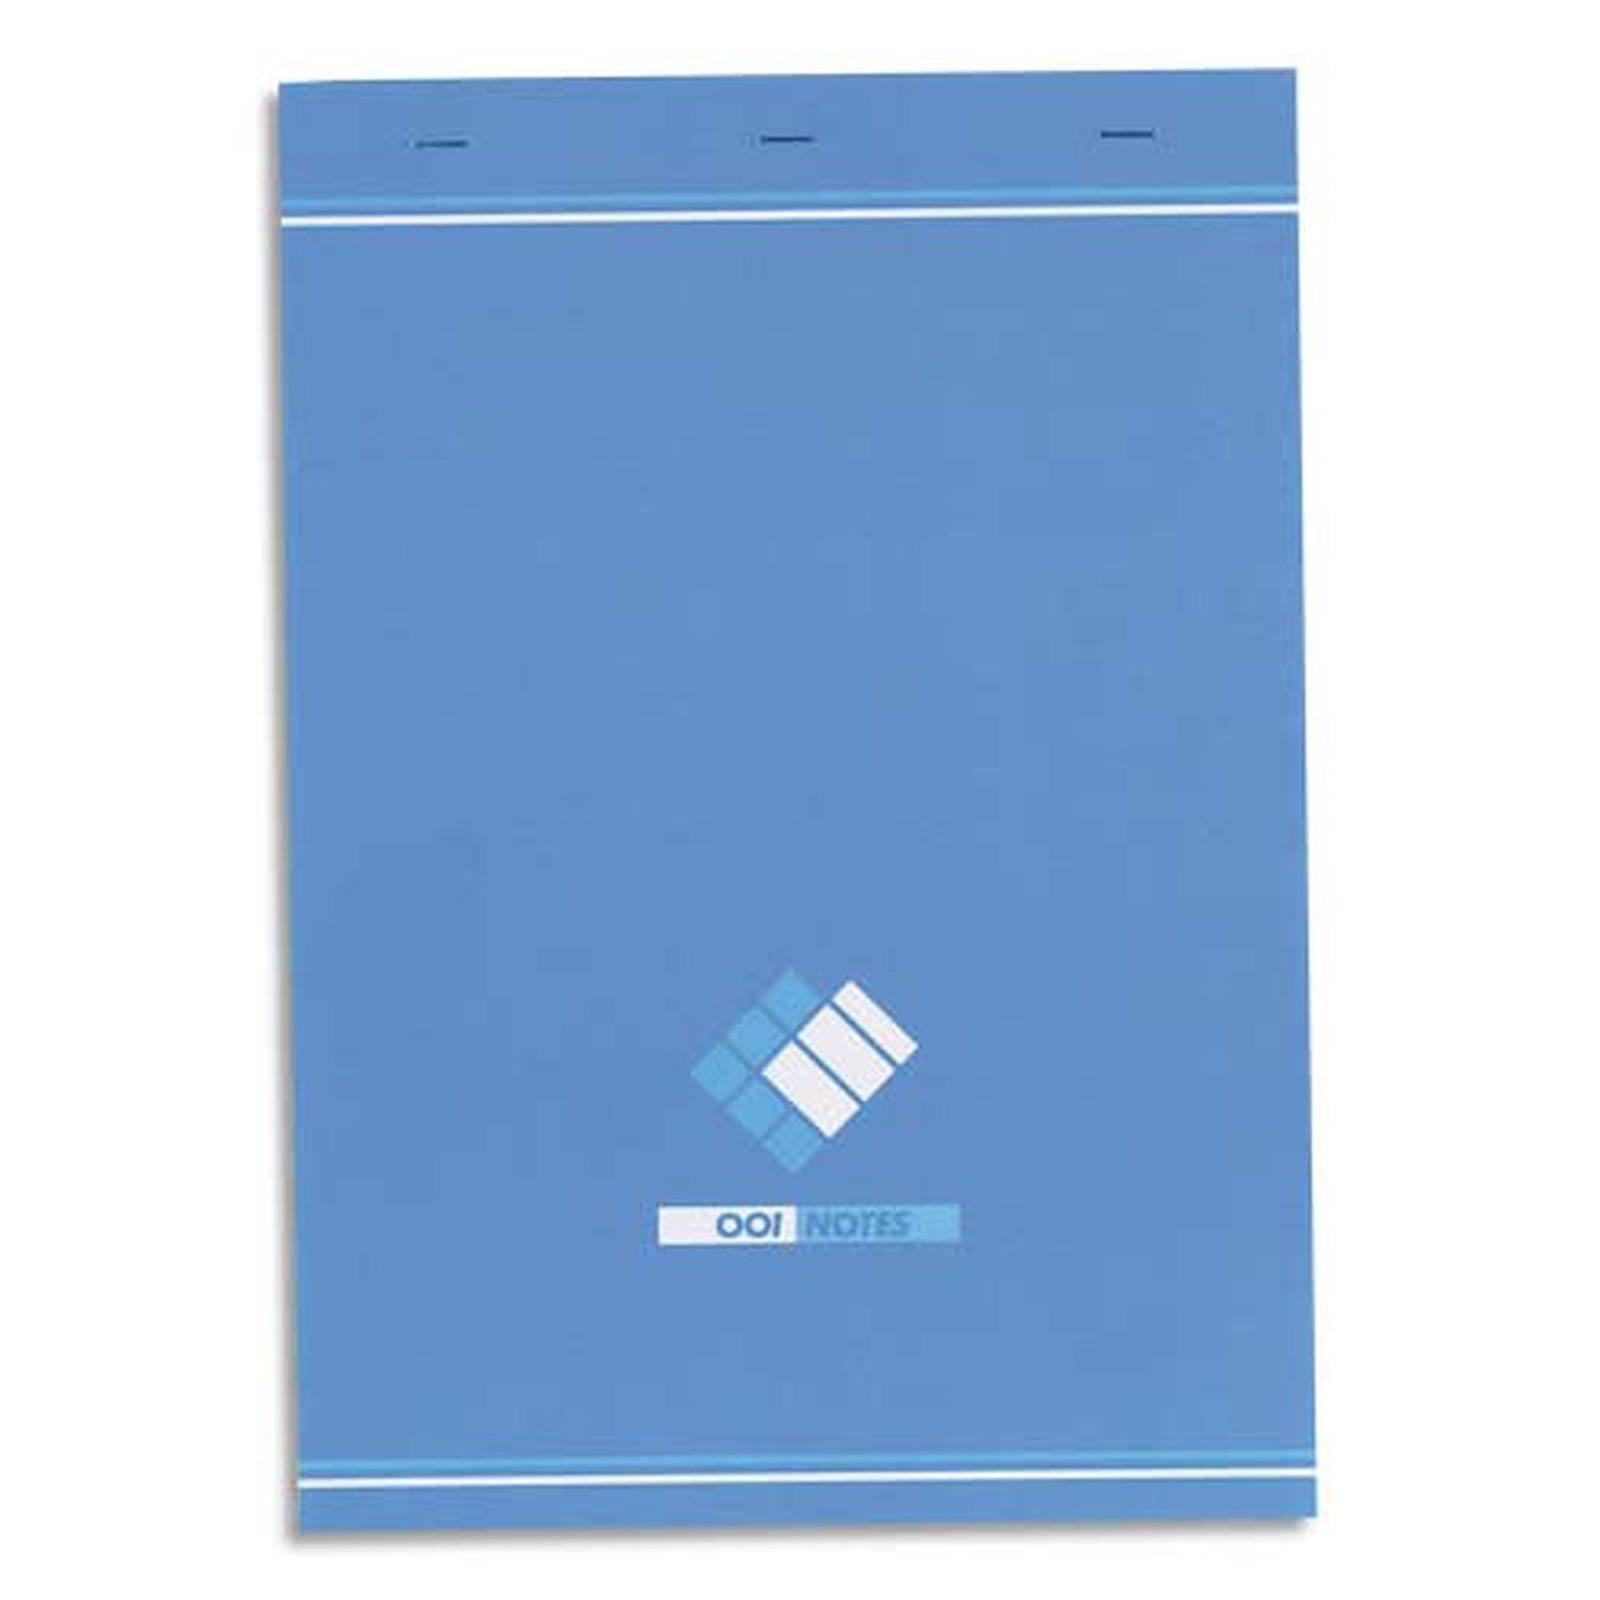 Oxford Bloc 001 Bloc notes 200 pages 210 x 297 mm petits carreaux